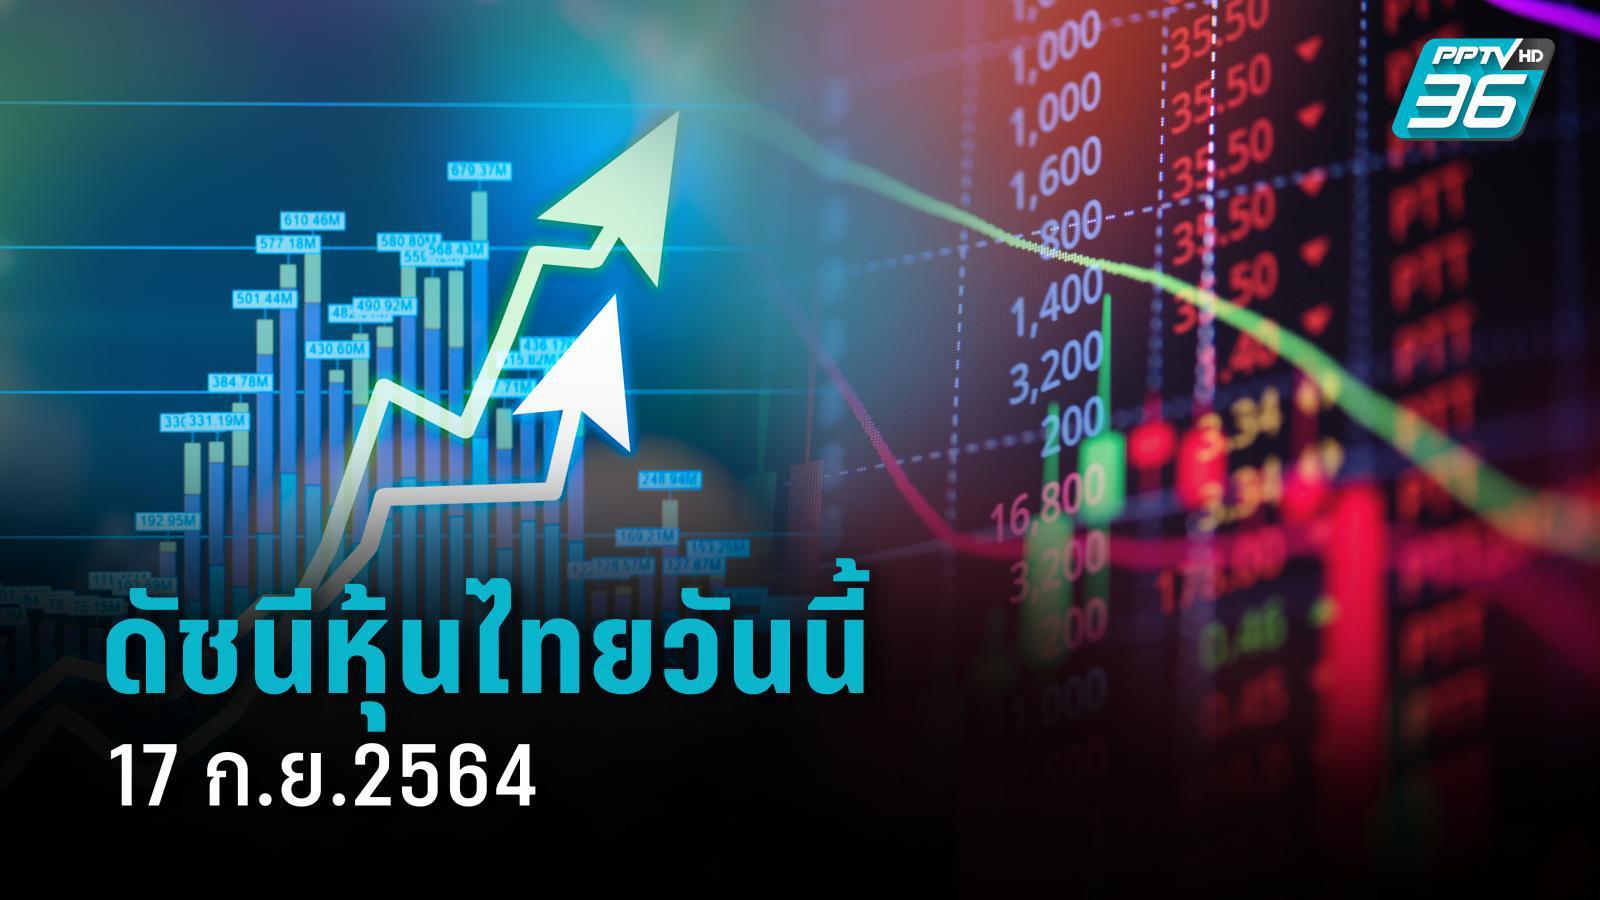 หุ้นไทยวันนี้ (17  ก.ย.64) ปิดการซื้อขายเช้า -10.55 จุด